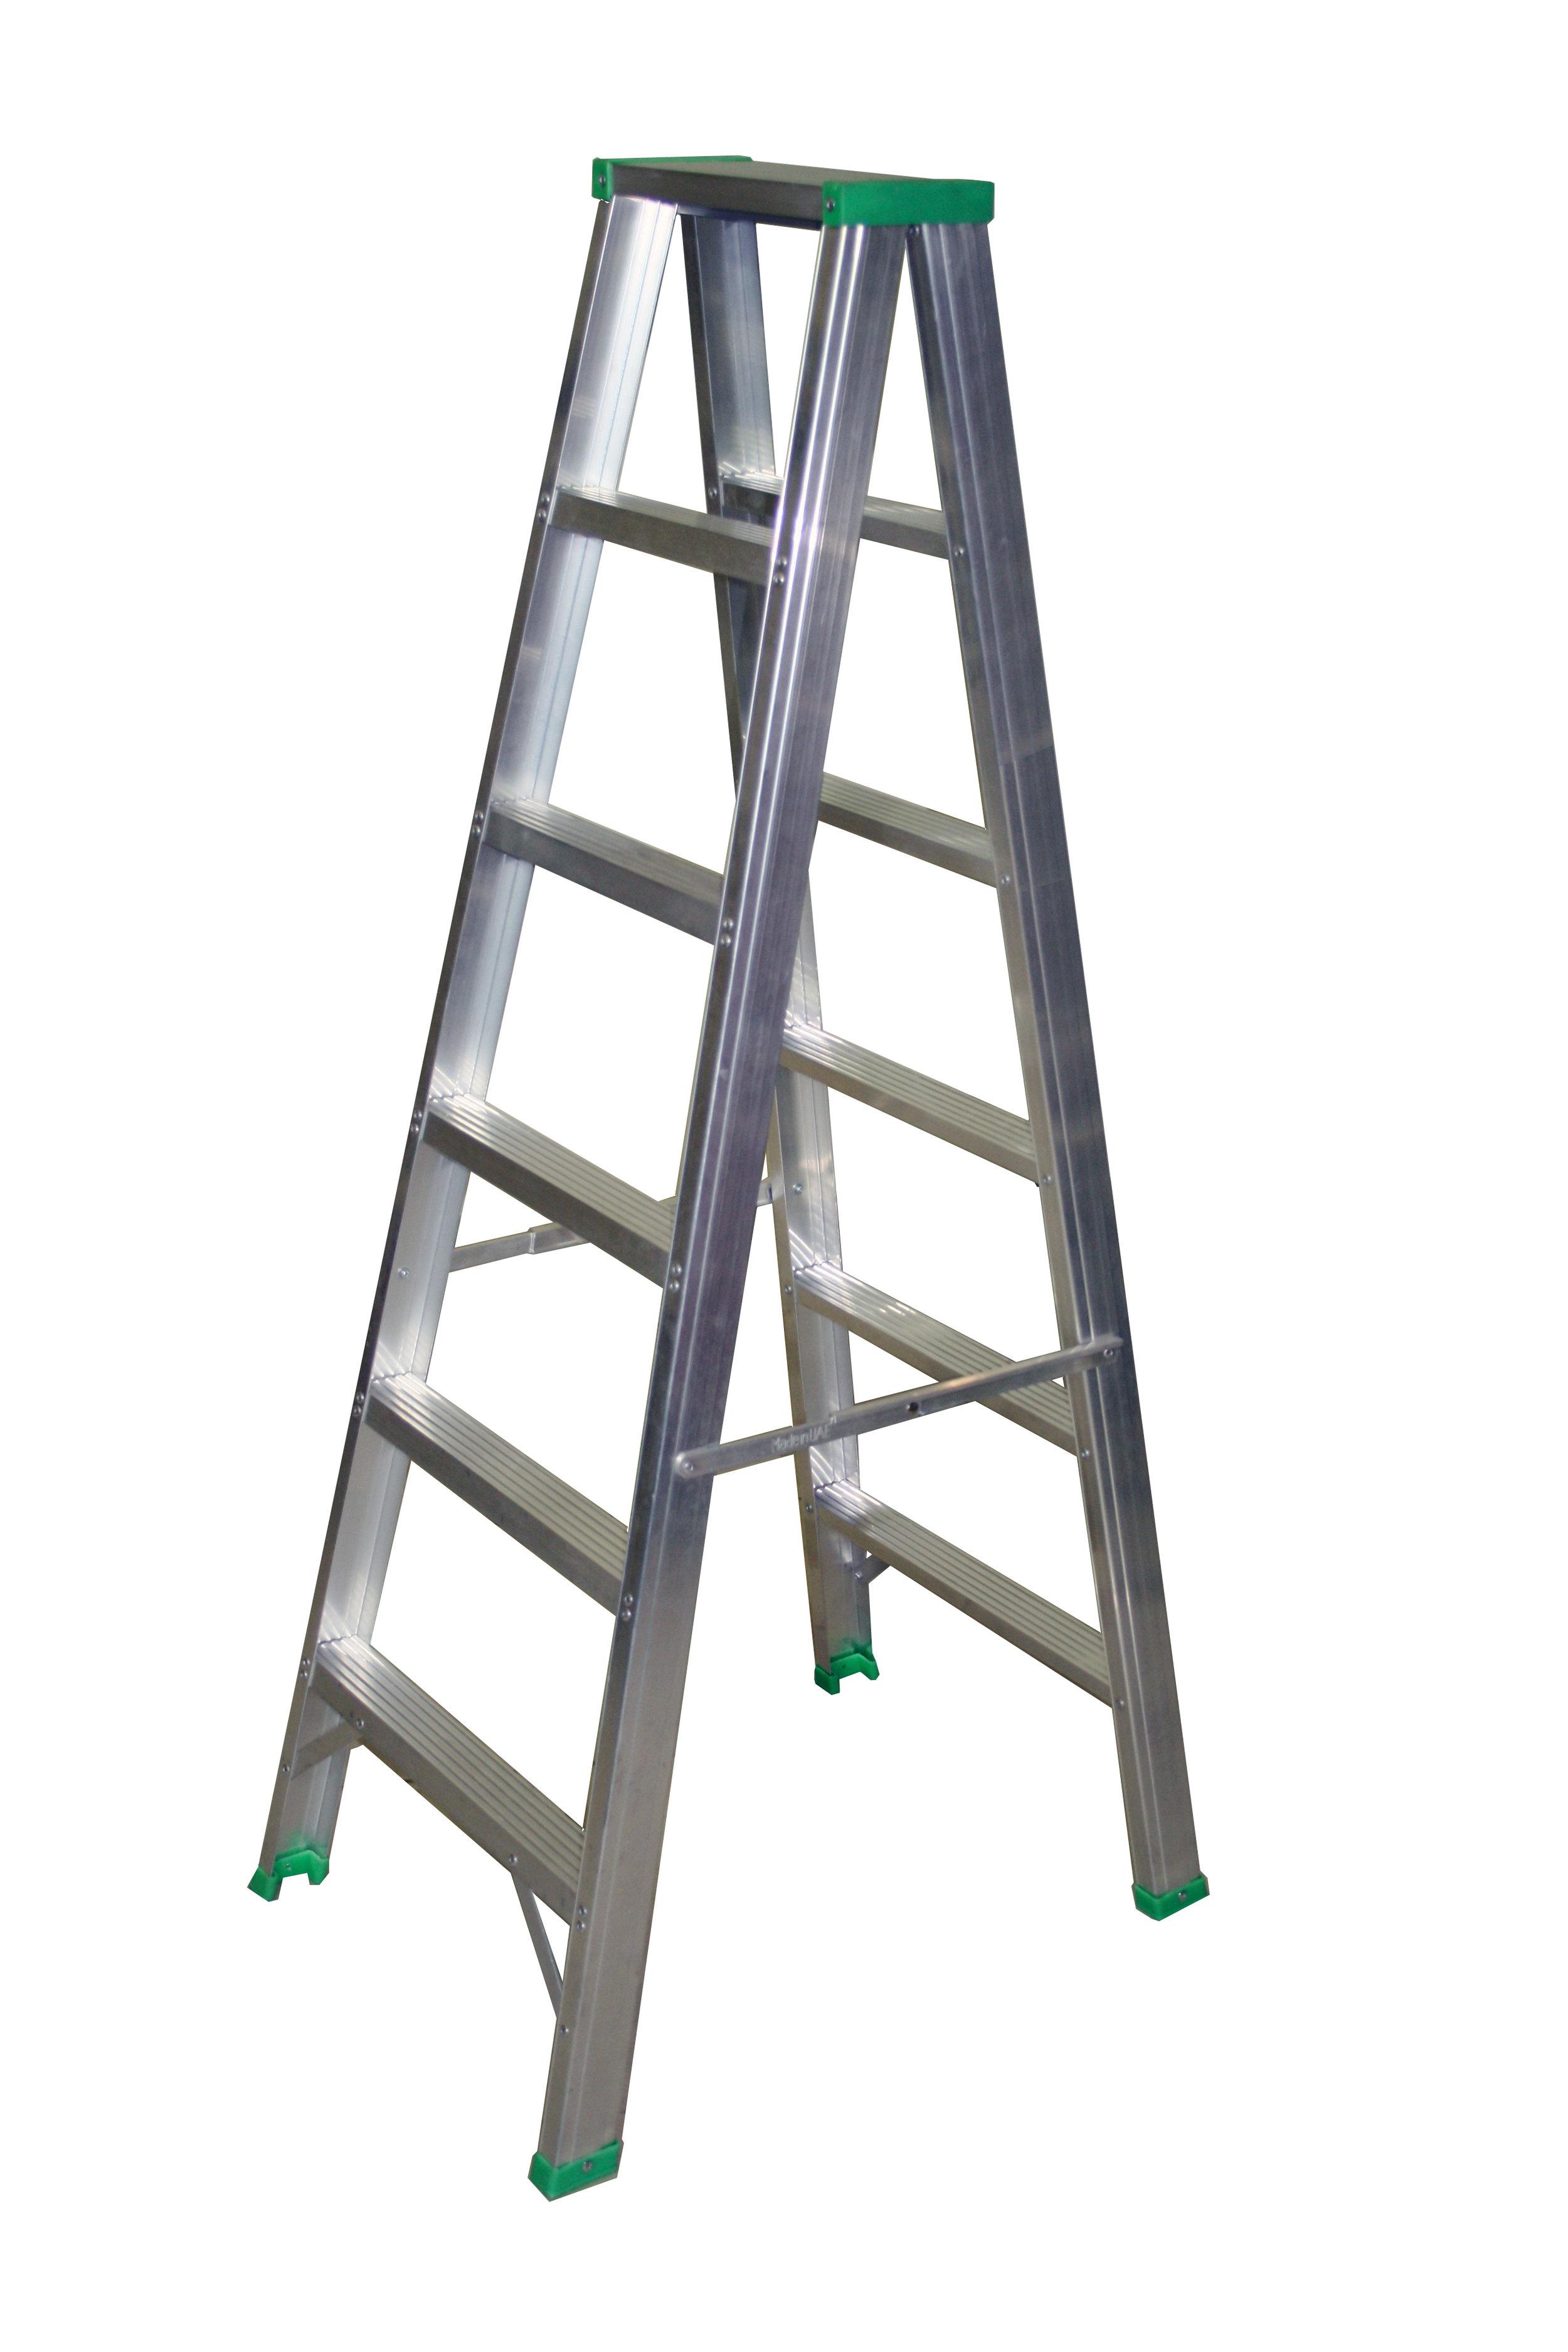 Full-Double Sided Ladder.jpg